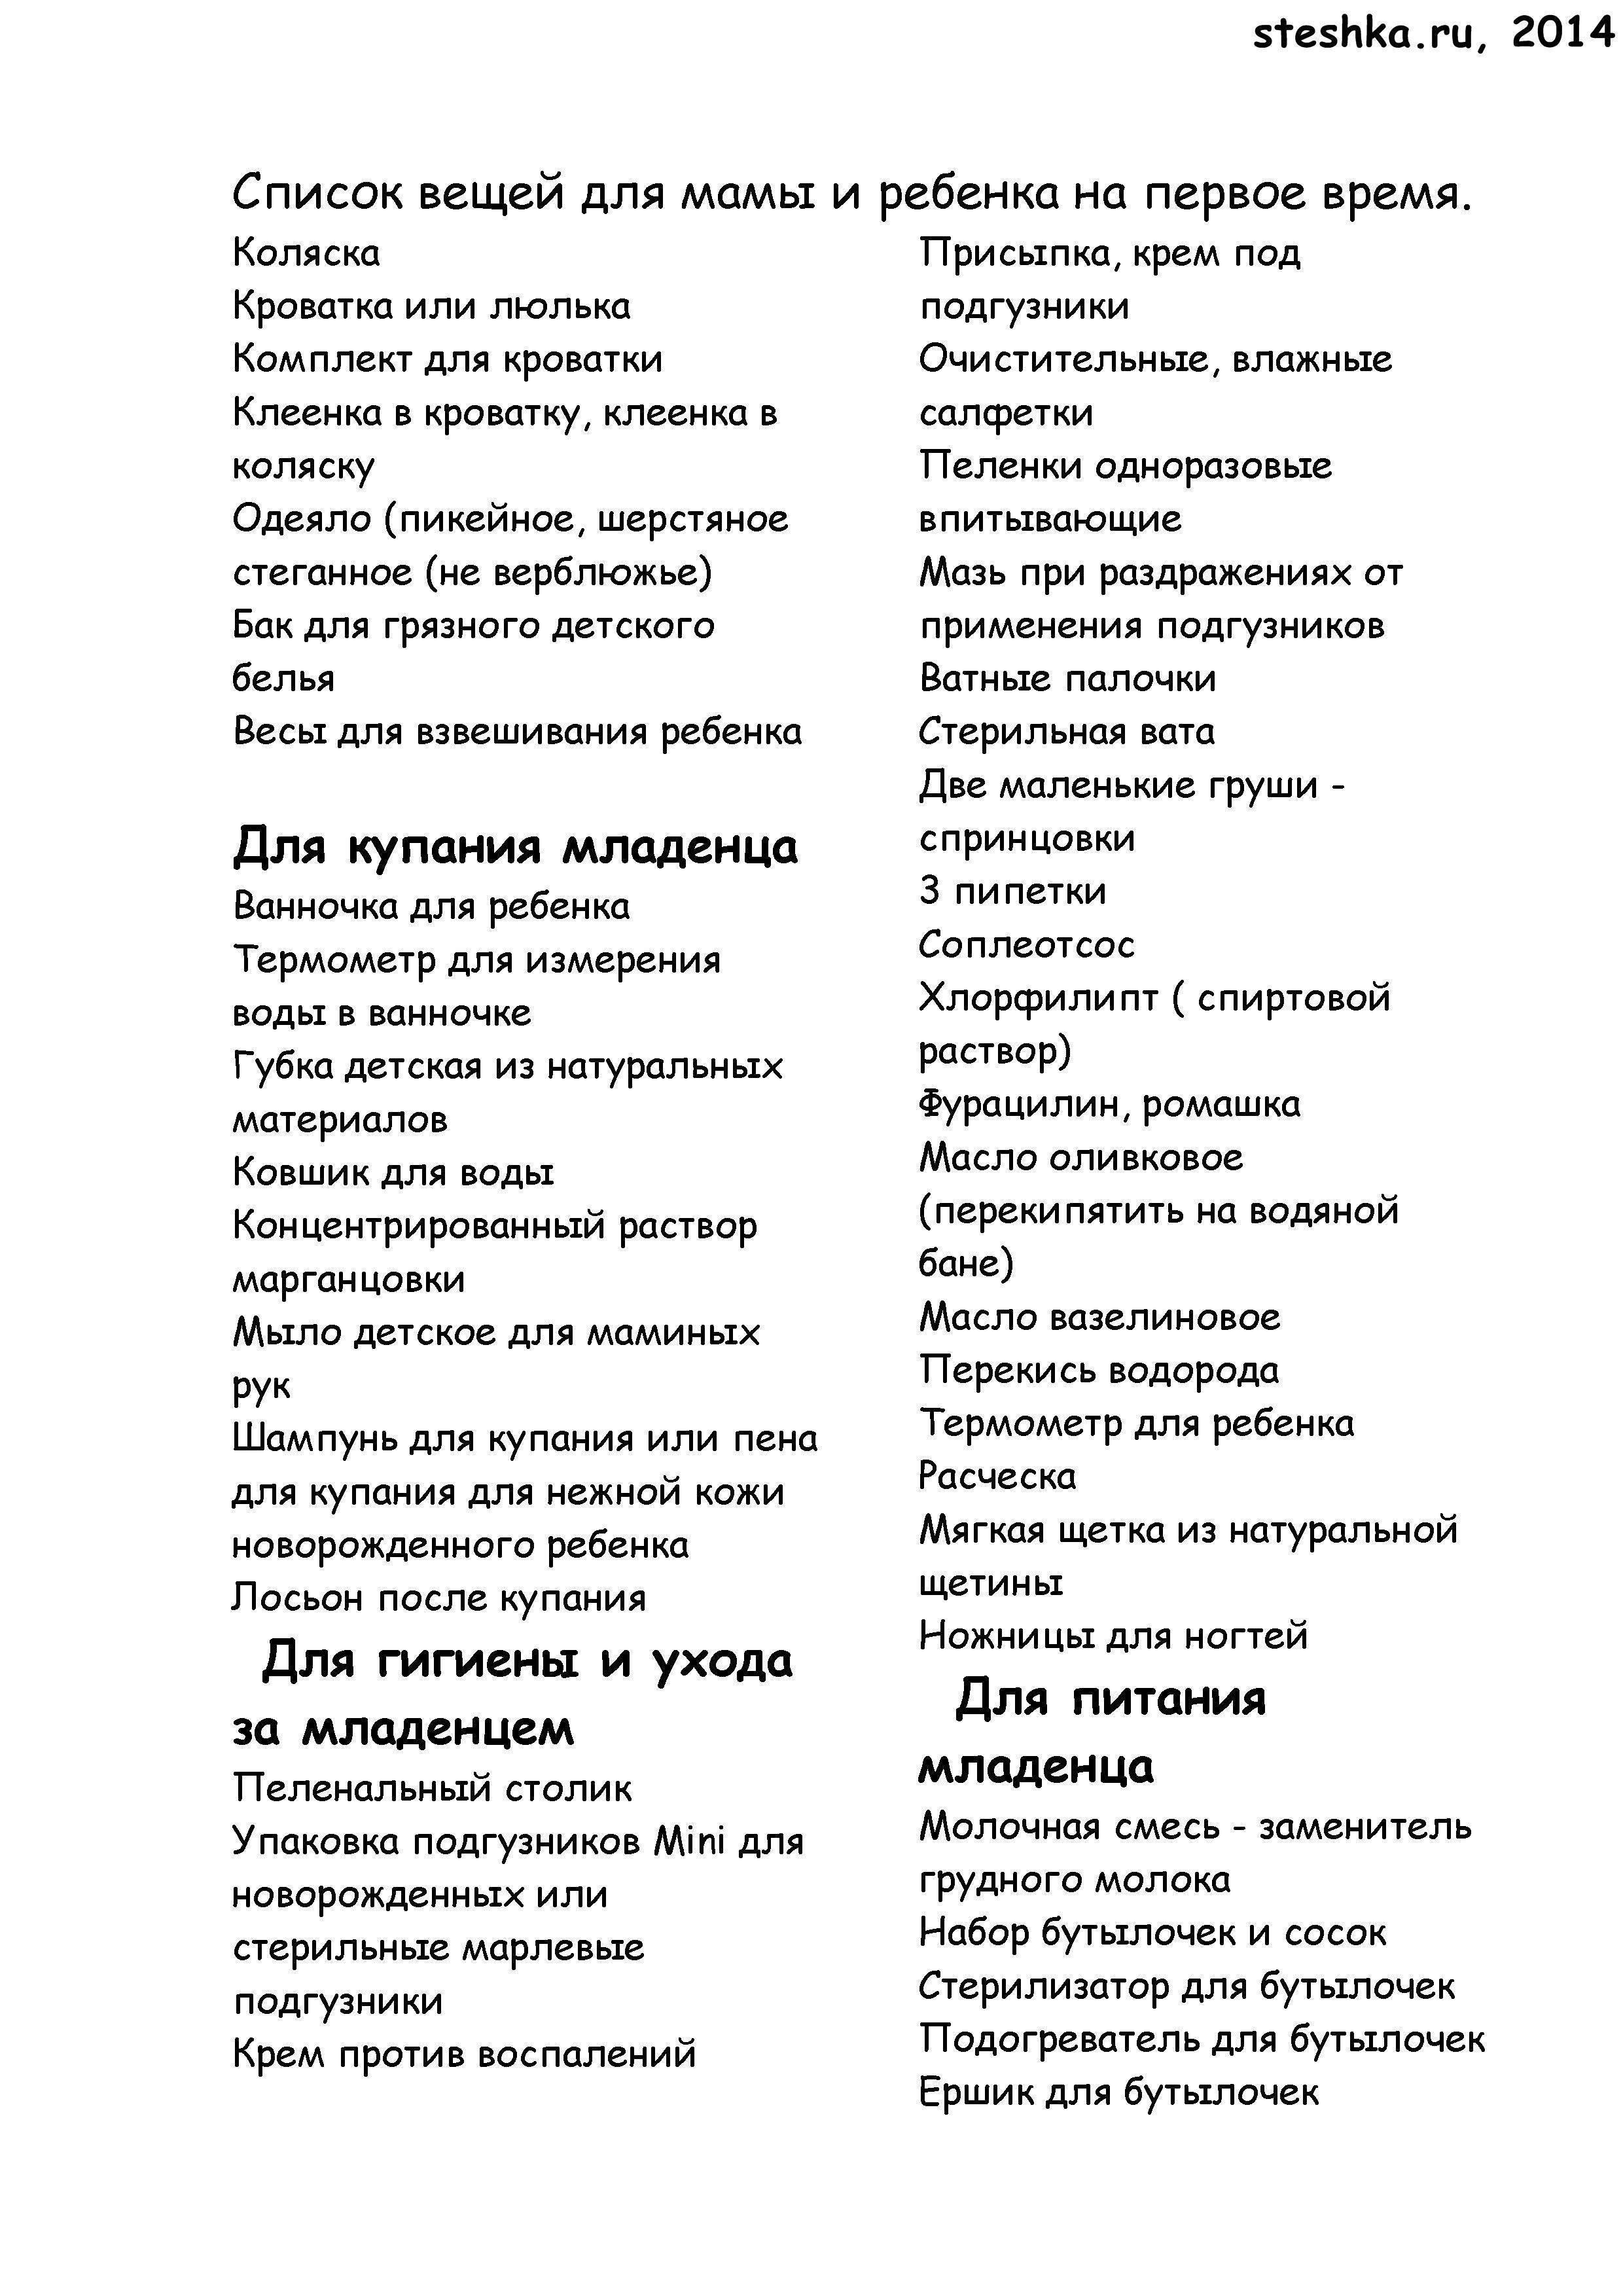 Что нужно ребенку в первые месяцы жизни... мой опыт! - что нужно ребенку в первые месяцы жизни - запись пользователя сашуля (delta84) в сообществе образ жизни беременной в категории приданое для малыша - babyblog.ru